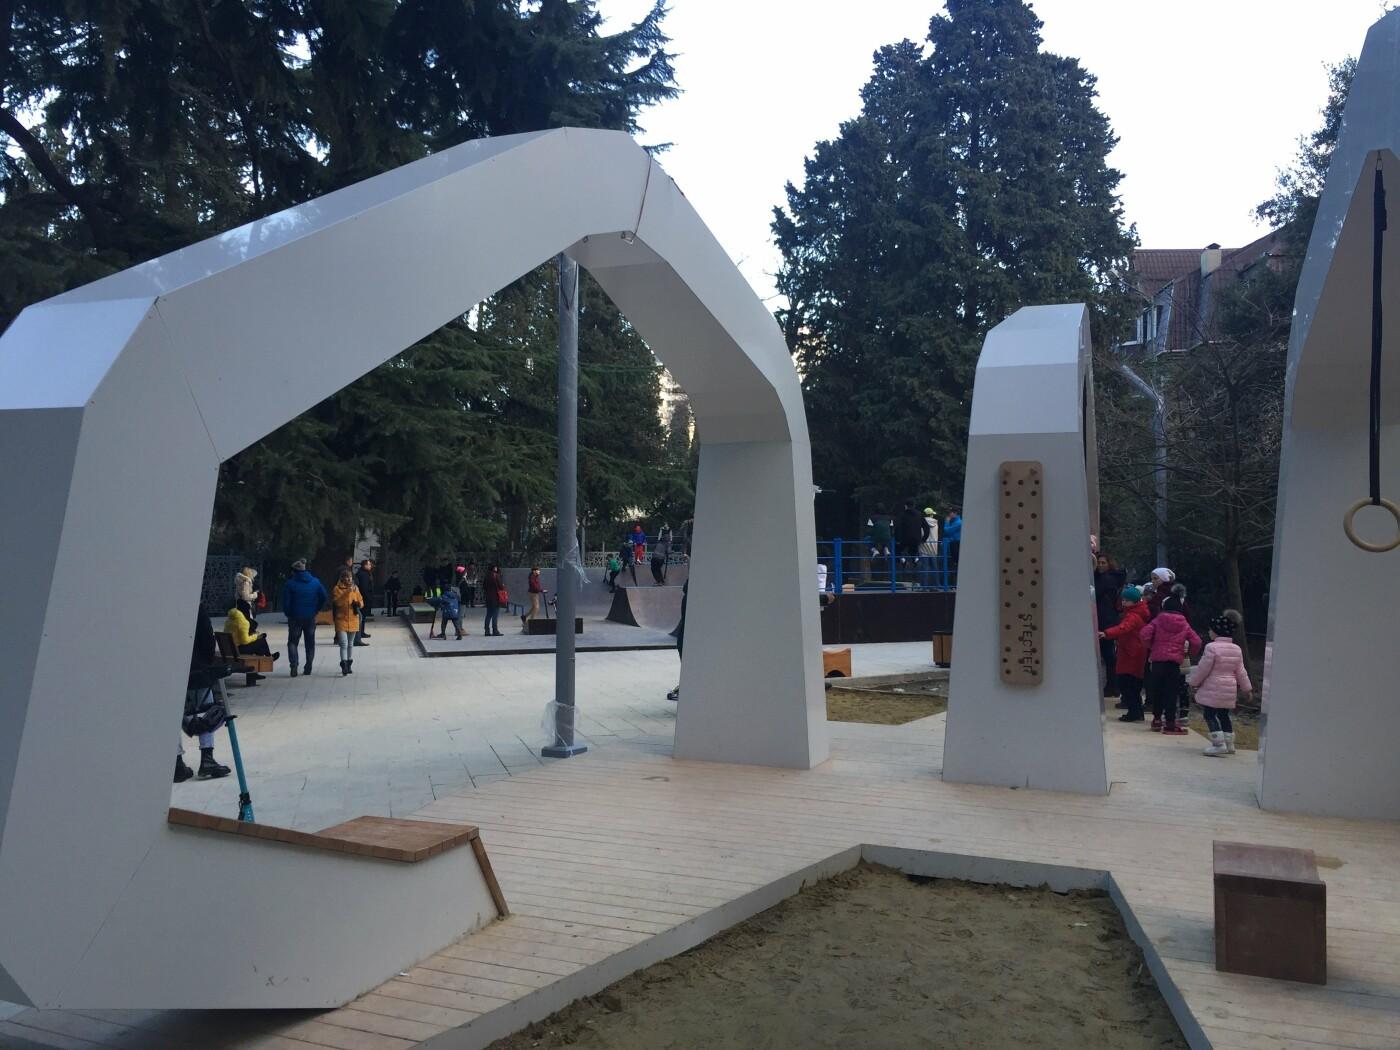 В Ялте официально открыли Пионерский парк после капитального ремонта: позже и с недоделками, фото-4